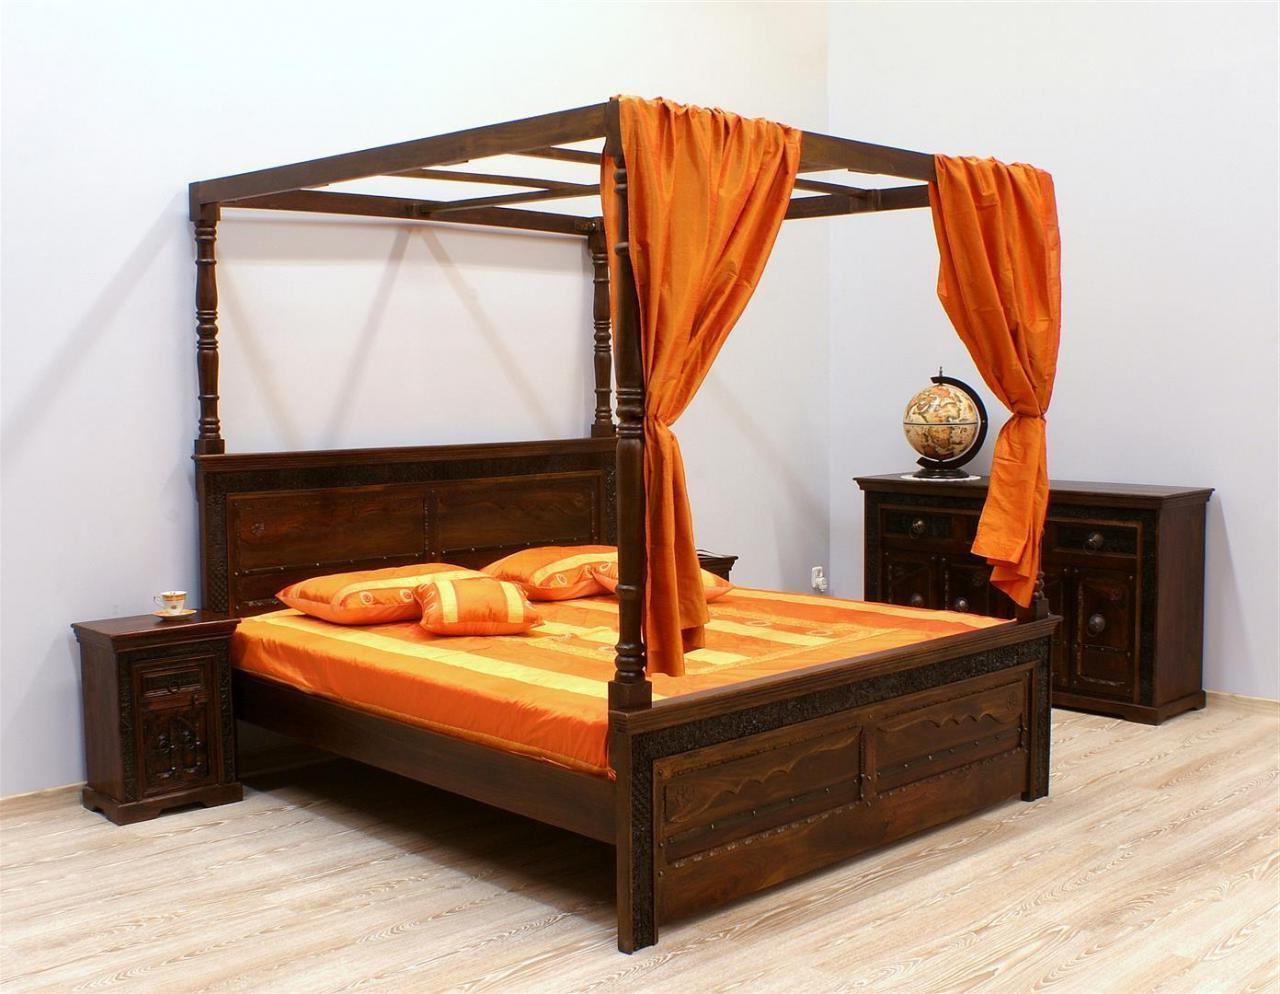 Łóżko kolonialne lite drewno palisander indyjski ręcznie rzeźbione ciemny brąz z baldachimem